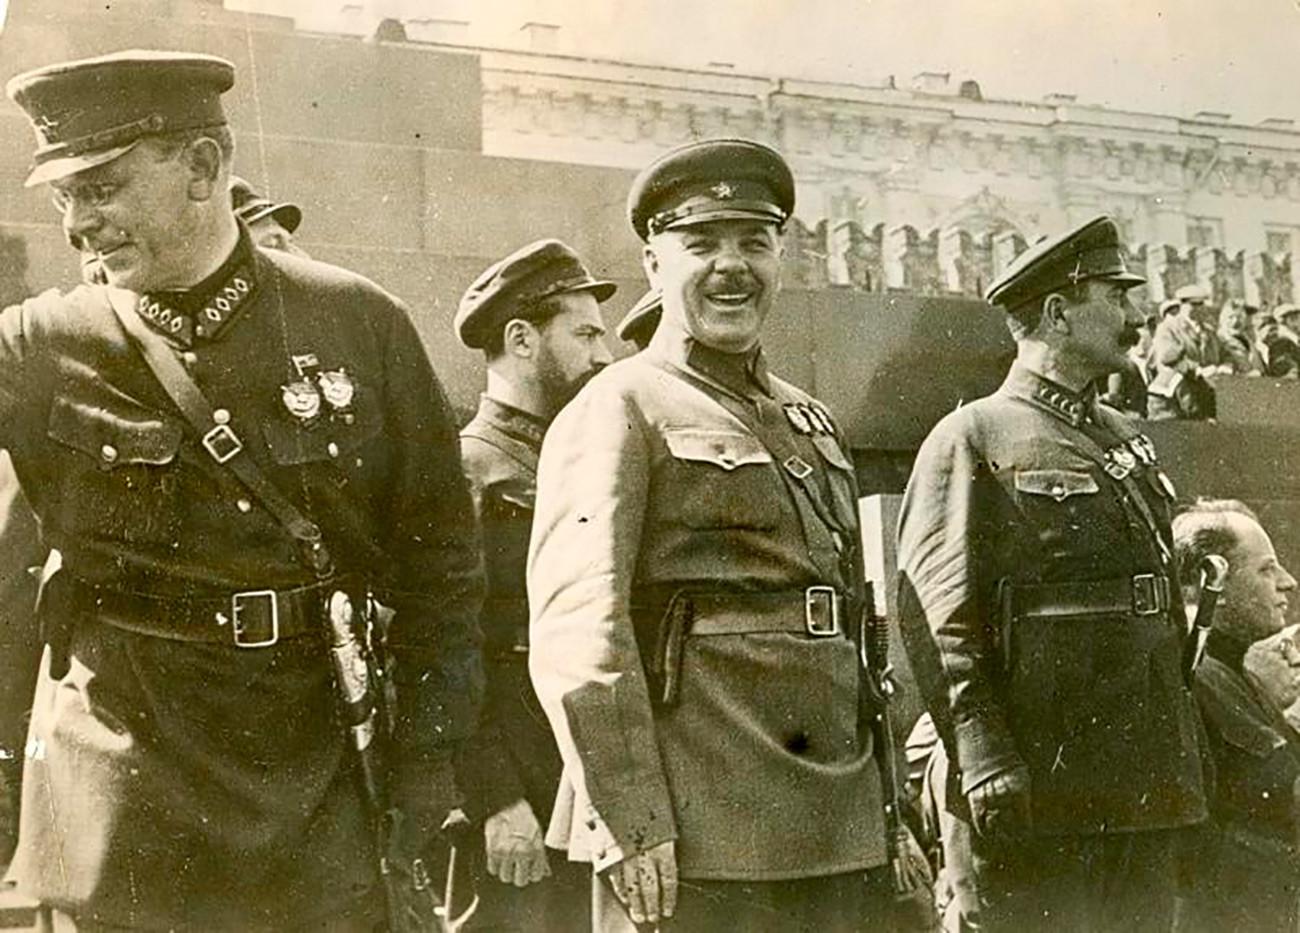 Командири Црвене армије Август Корк, Јан Гамарник, Климент Ворошилов, Семјон Буђони испред Лењиновог маузолеја.